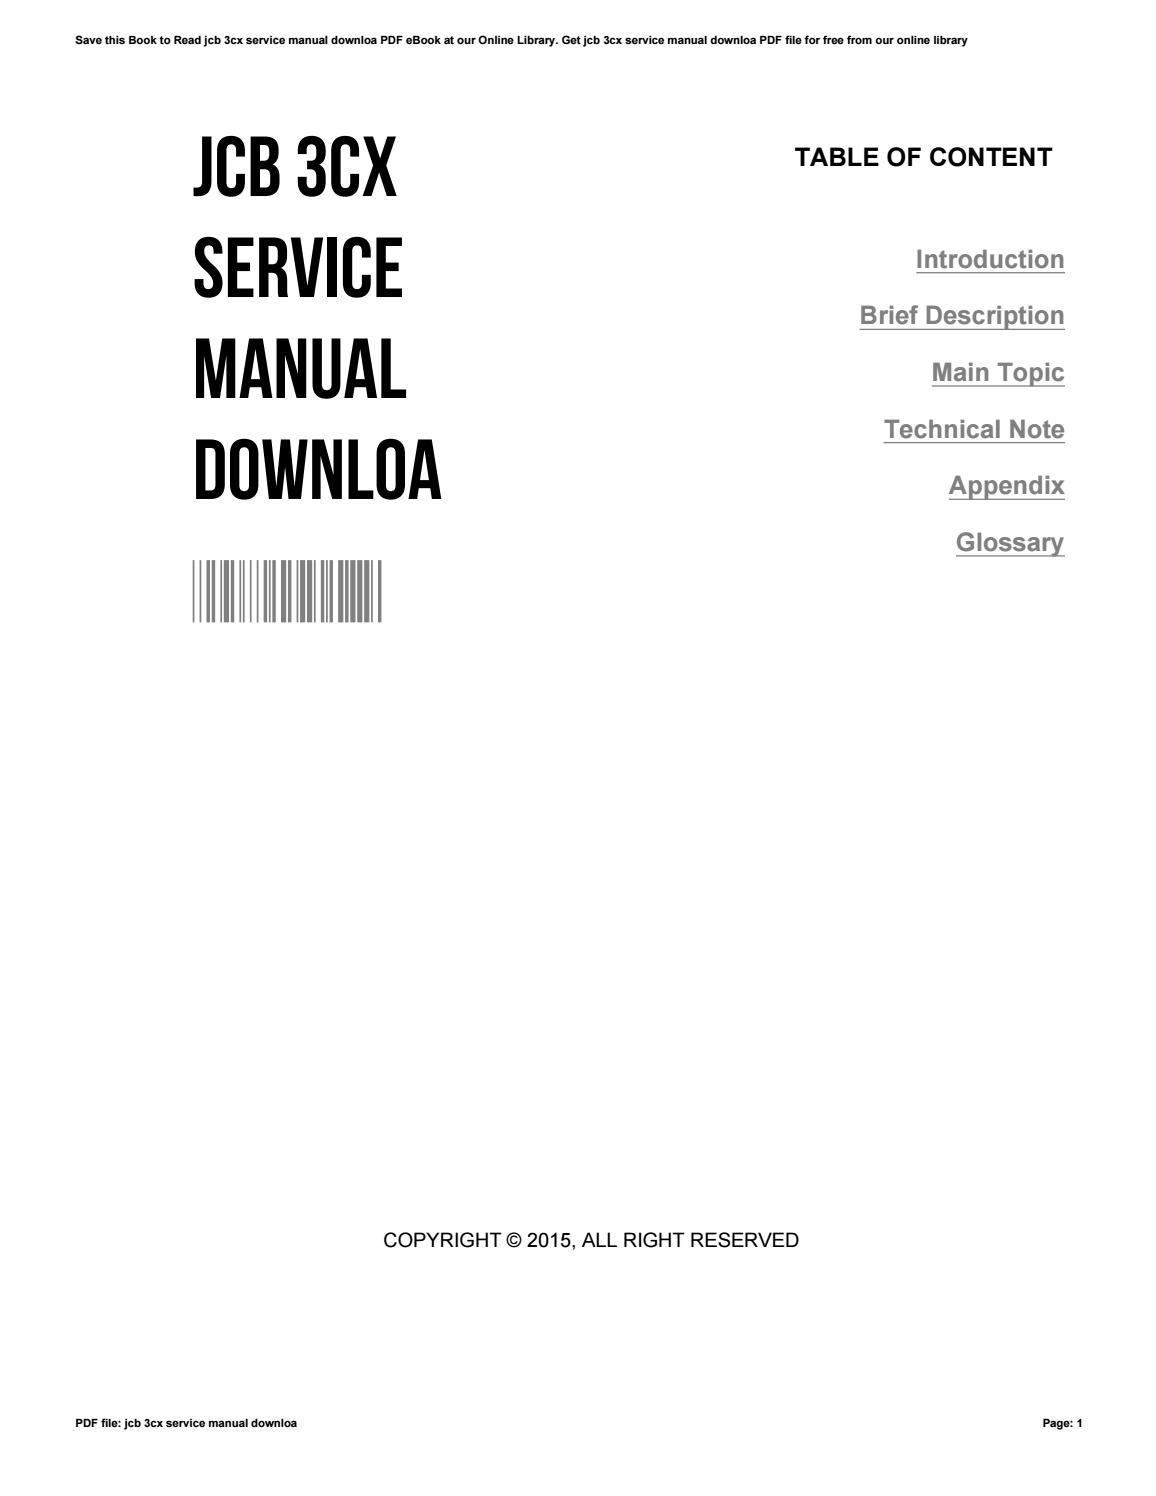 Jcb 3cx service manual downloa by nancymarcello3709 - issuu